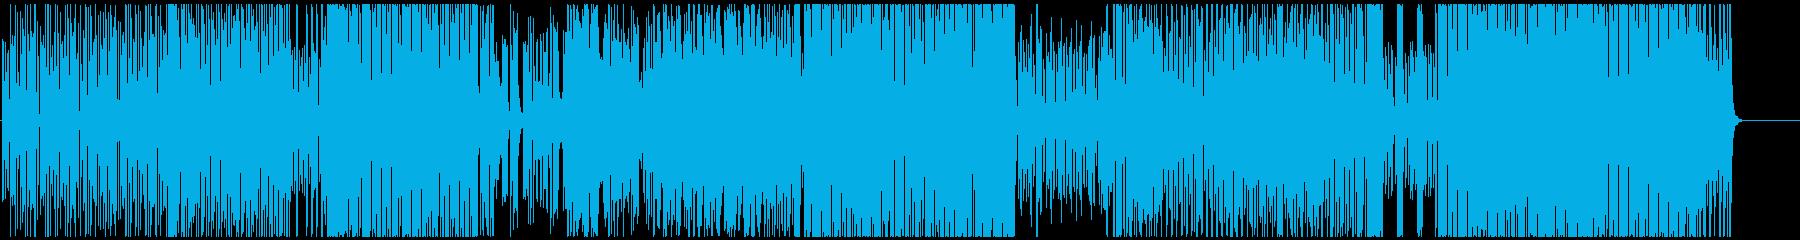 SAXで奏でるノリノリハウスポップスの再生済みの波形